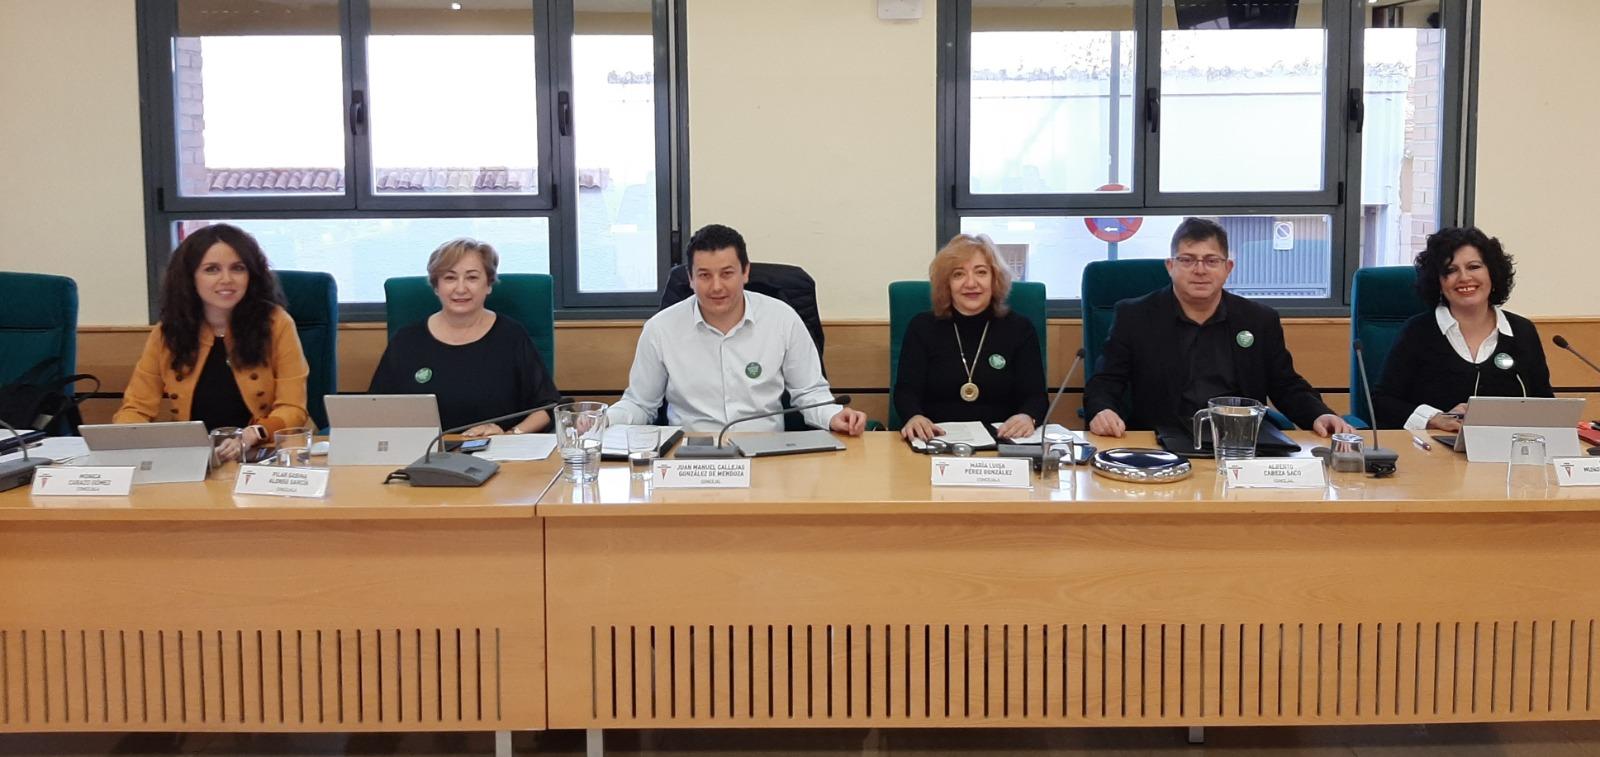 La participación del Consejo Municipal de Mayores o el mantenimiento de los espacios verdes de la ciudad, preguntas en el Pleno Municipal.